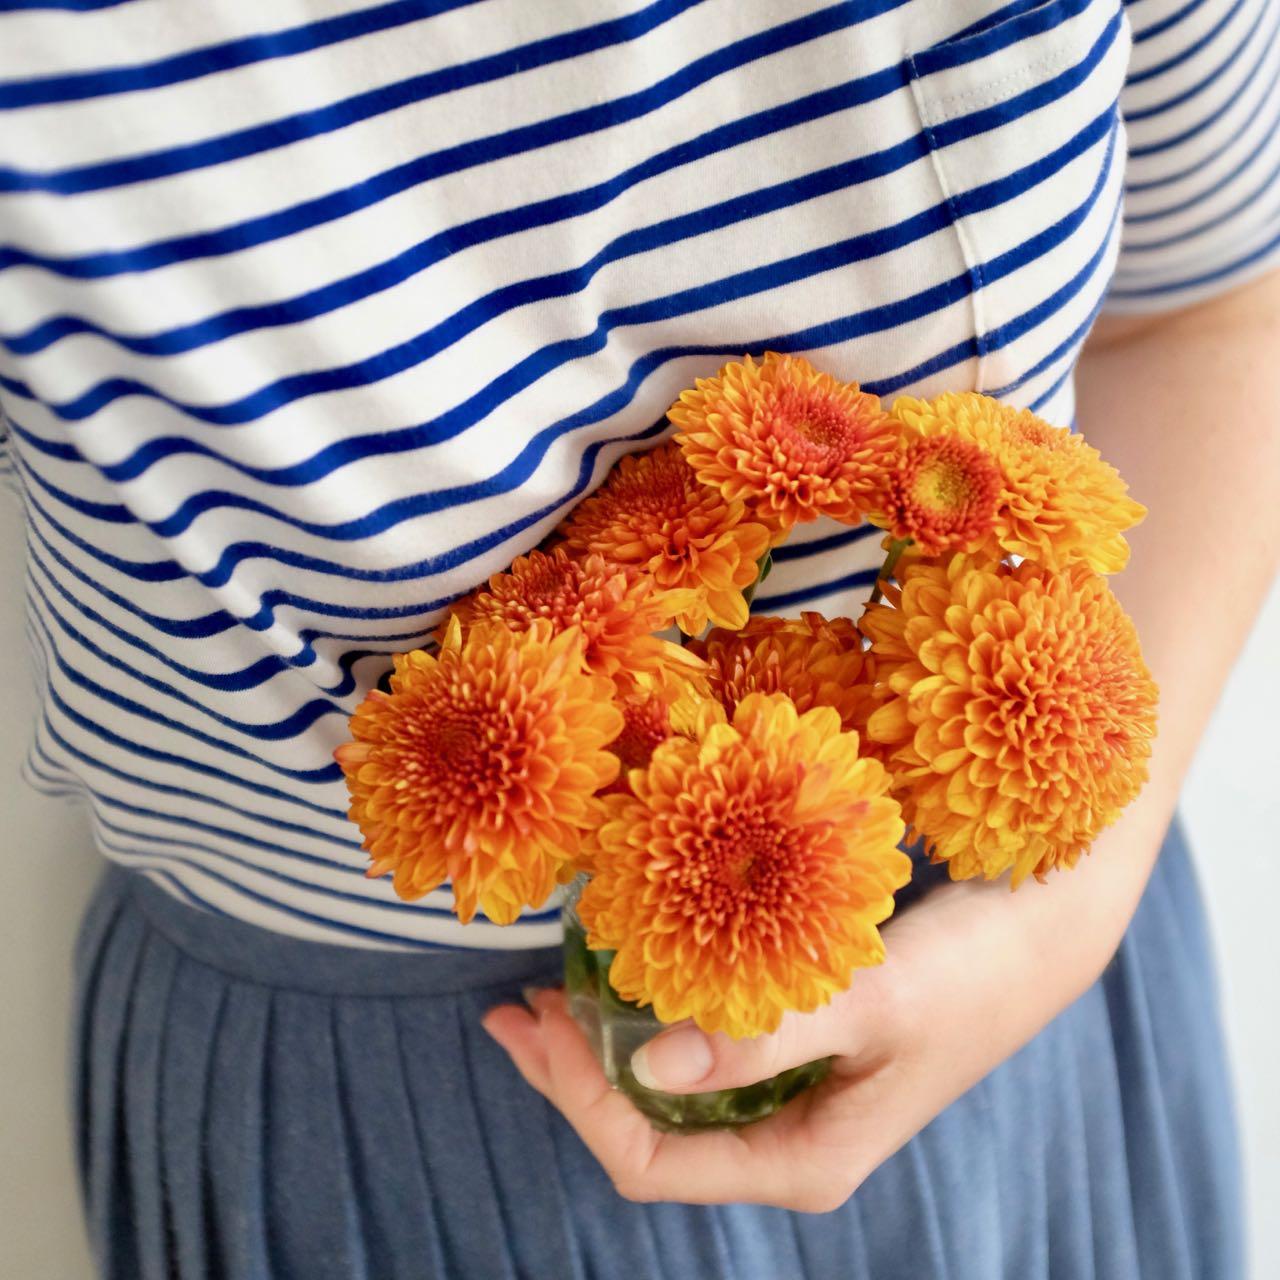 Simple September pleasures: orange flowers